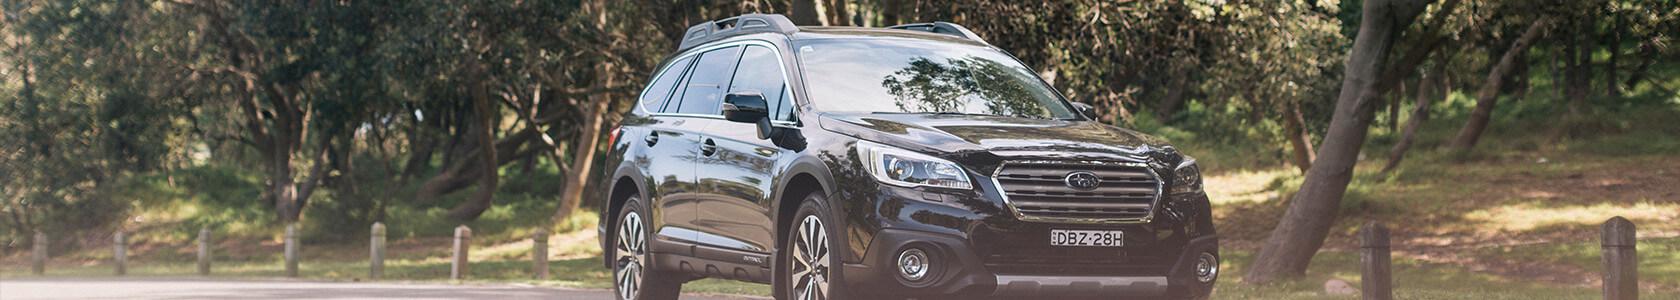 Key Subaru Outback Exterior